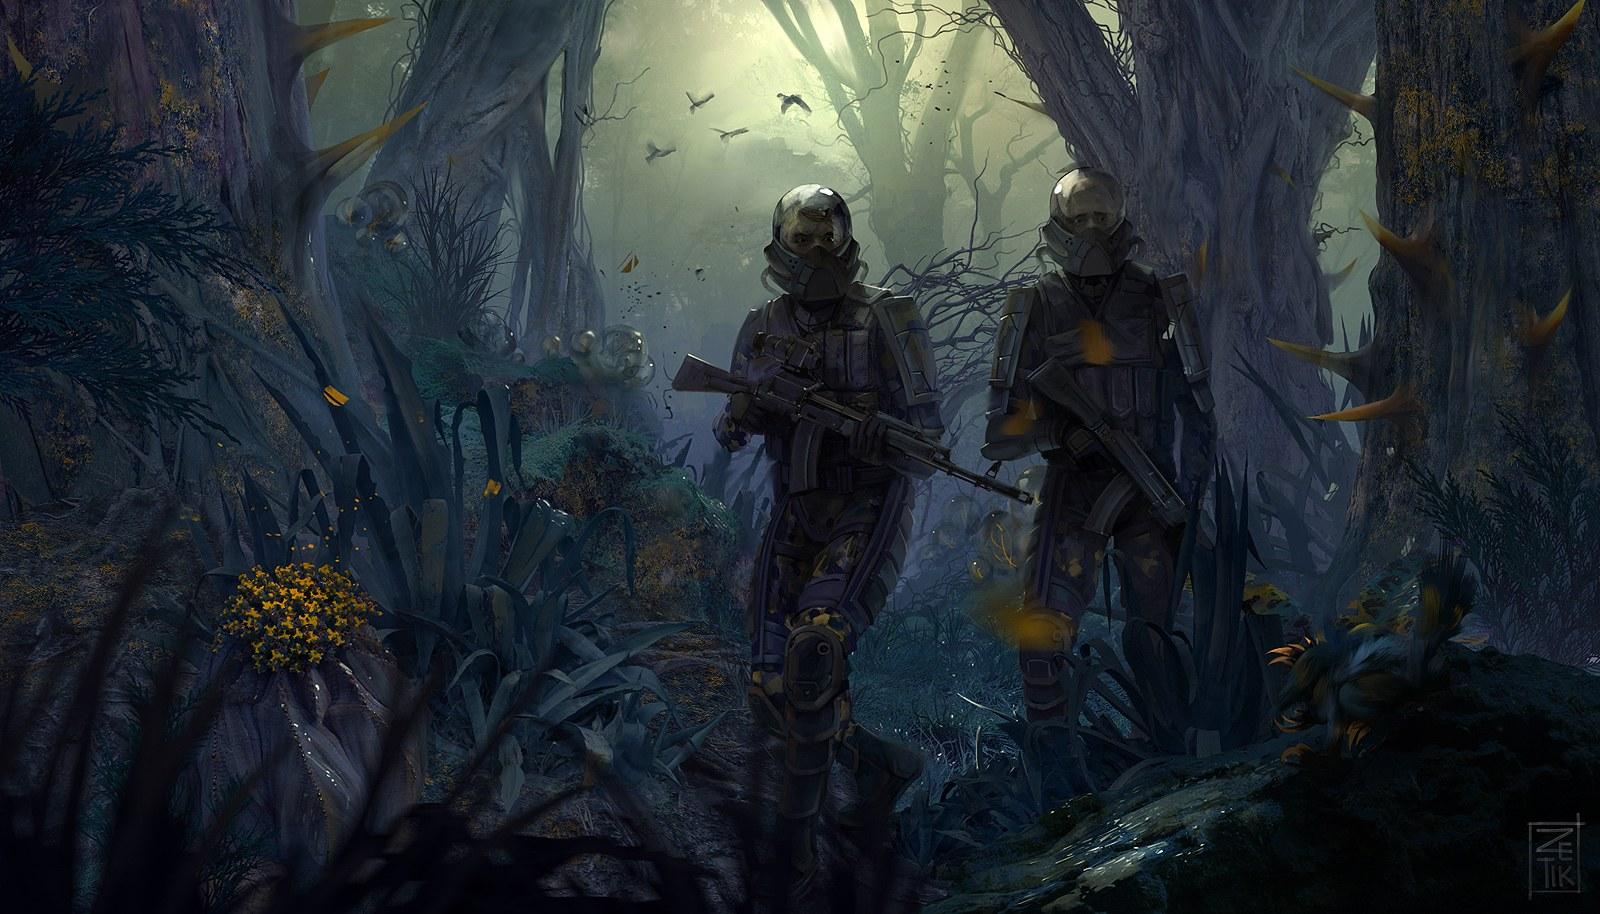 Areal, el sucesor espiritual de S.T.A.L.K.E.R., buscará el apoyo de los fans en Kickstarter